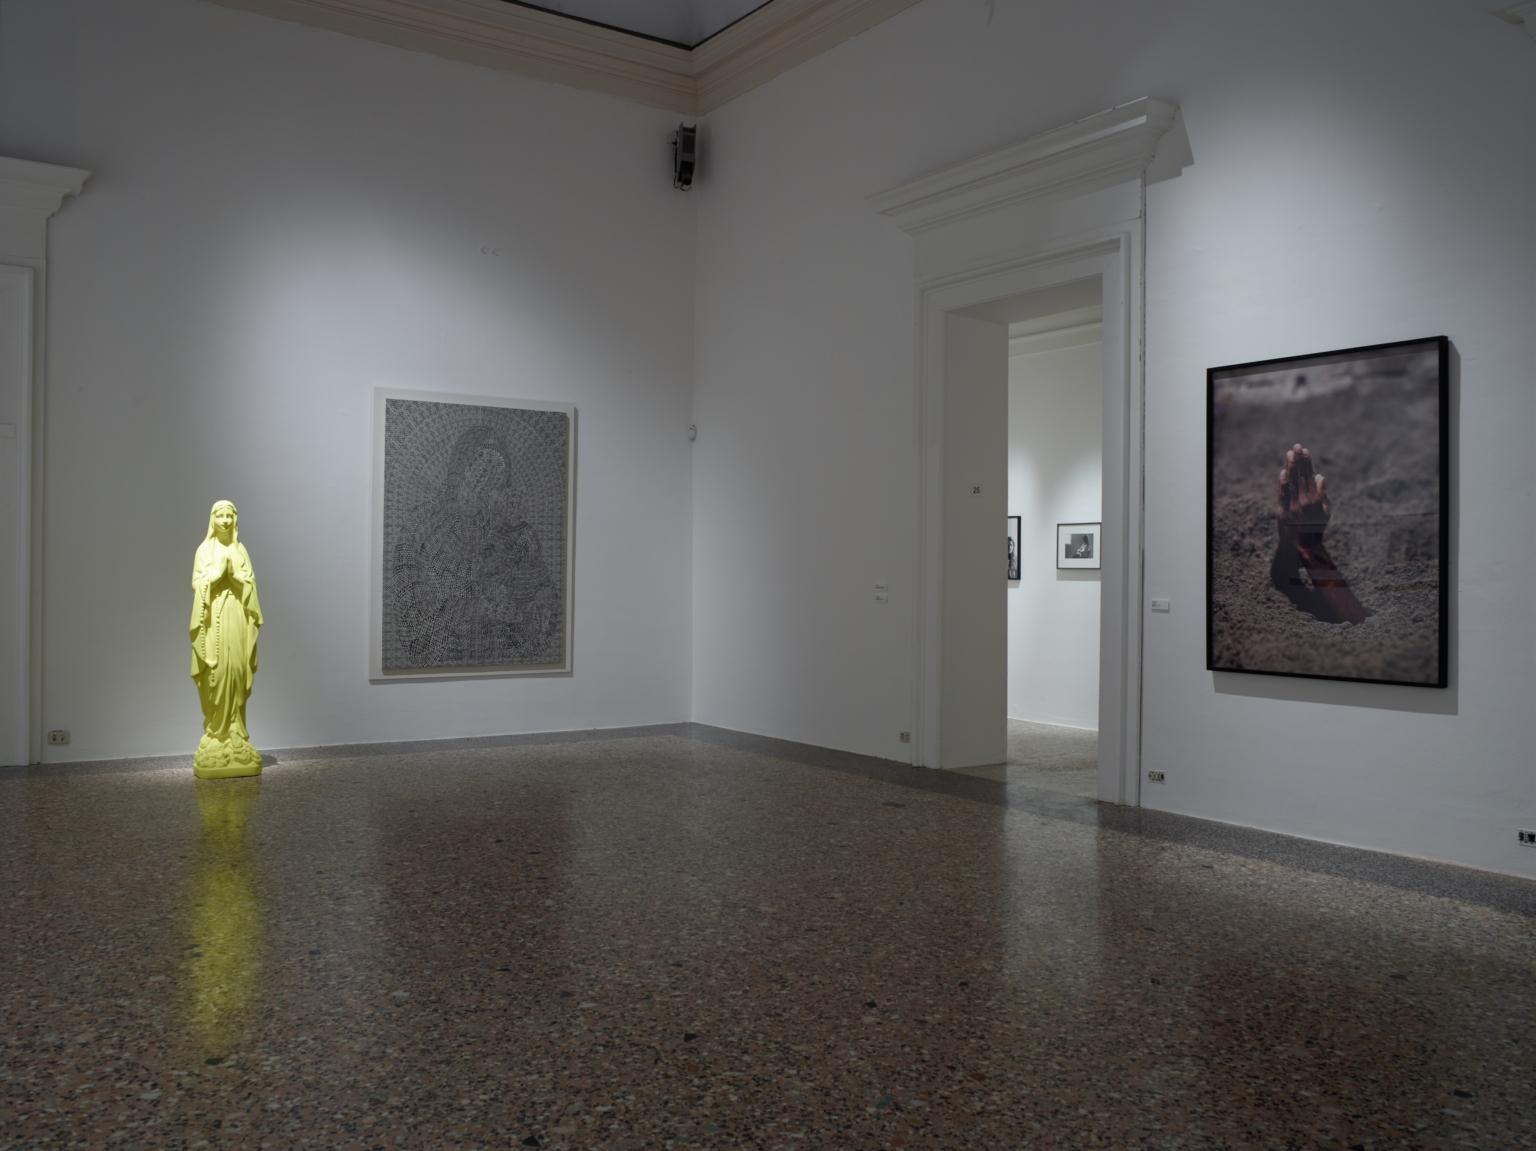 La-Grande-Madre-Palazzo-Reale-Milano-–-Katarina-Fritsch-Thomas-Bayrle-Maurizio-Cattelan foto Marco De Scalzi courtesy Fondazione Nicola Trussardi Milano